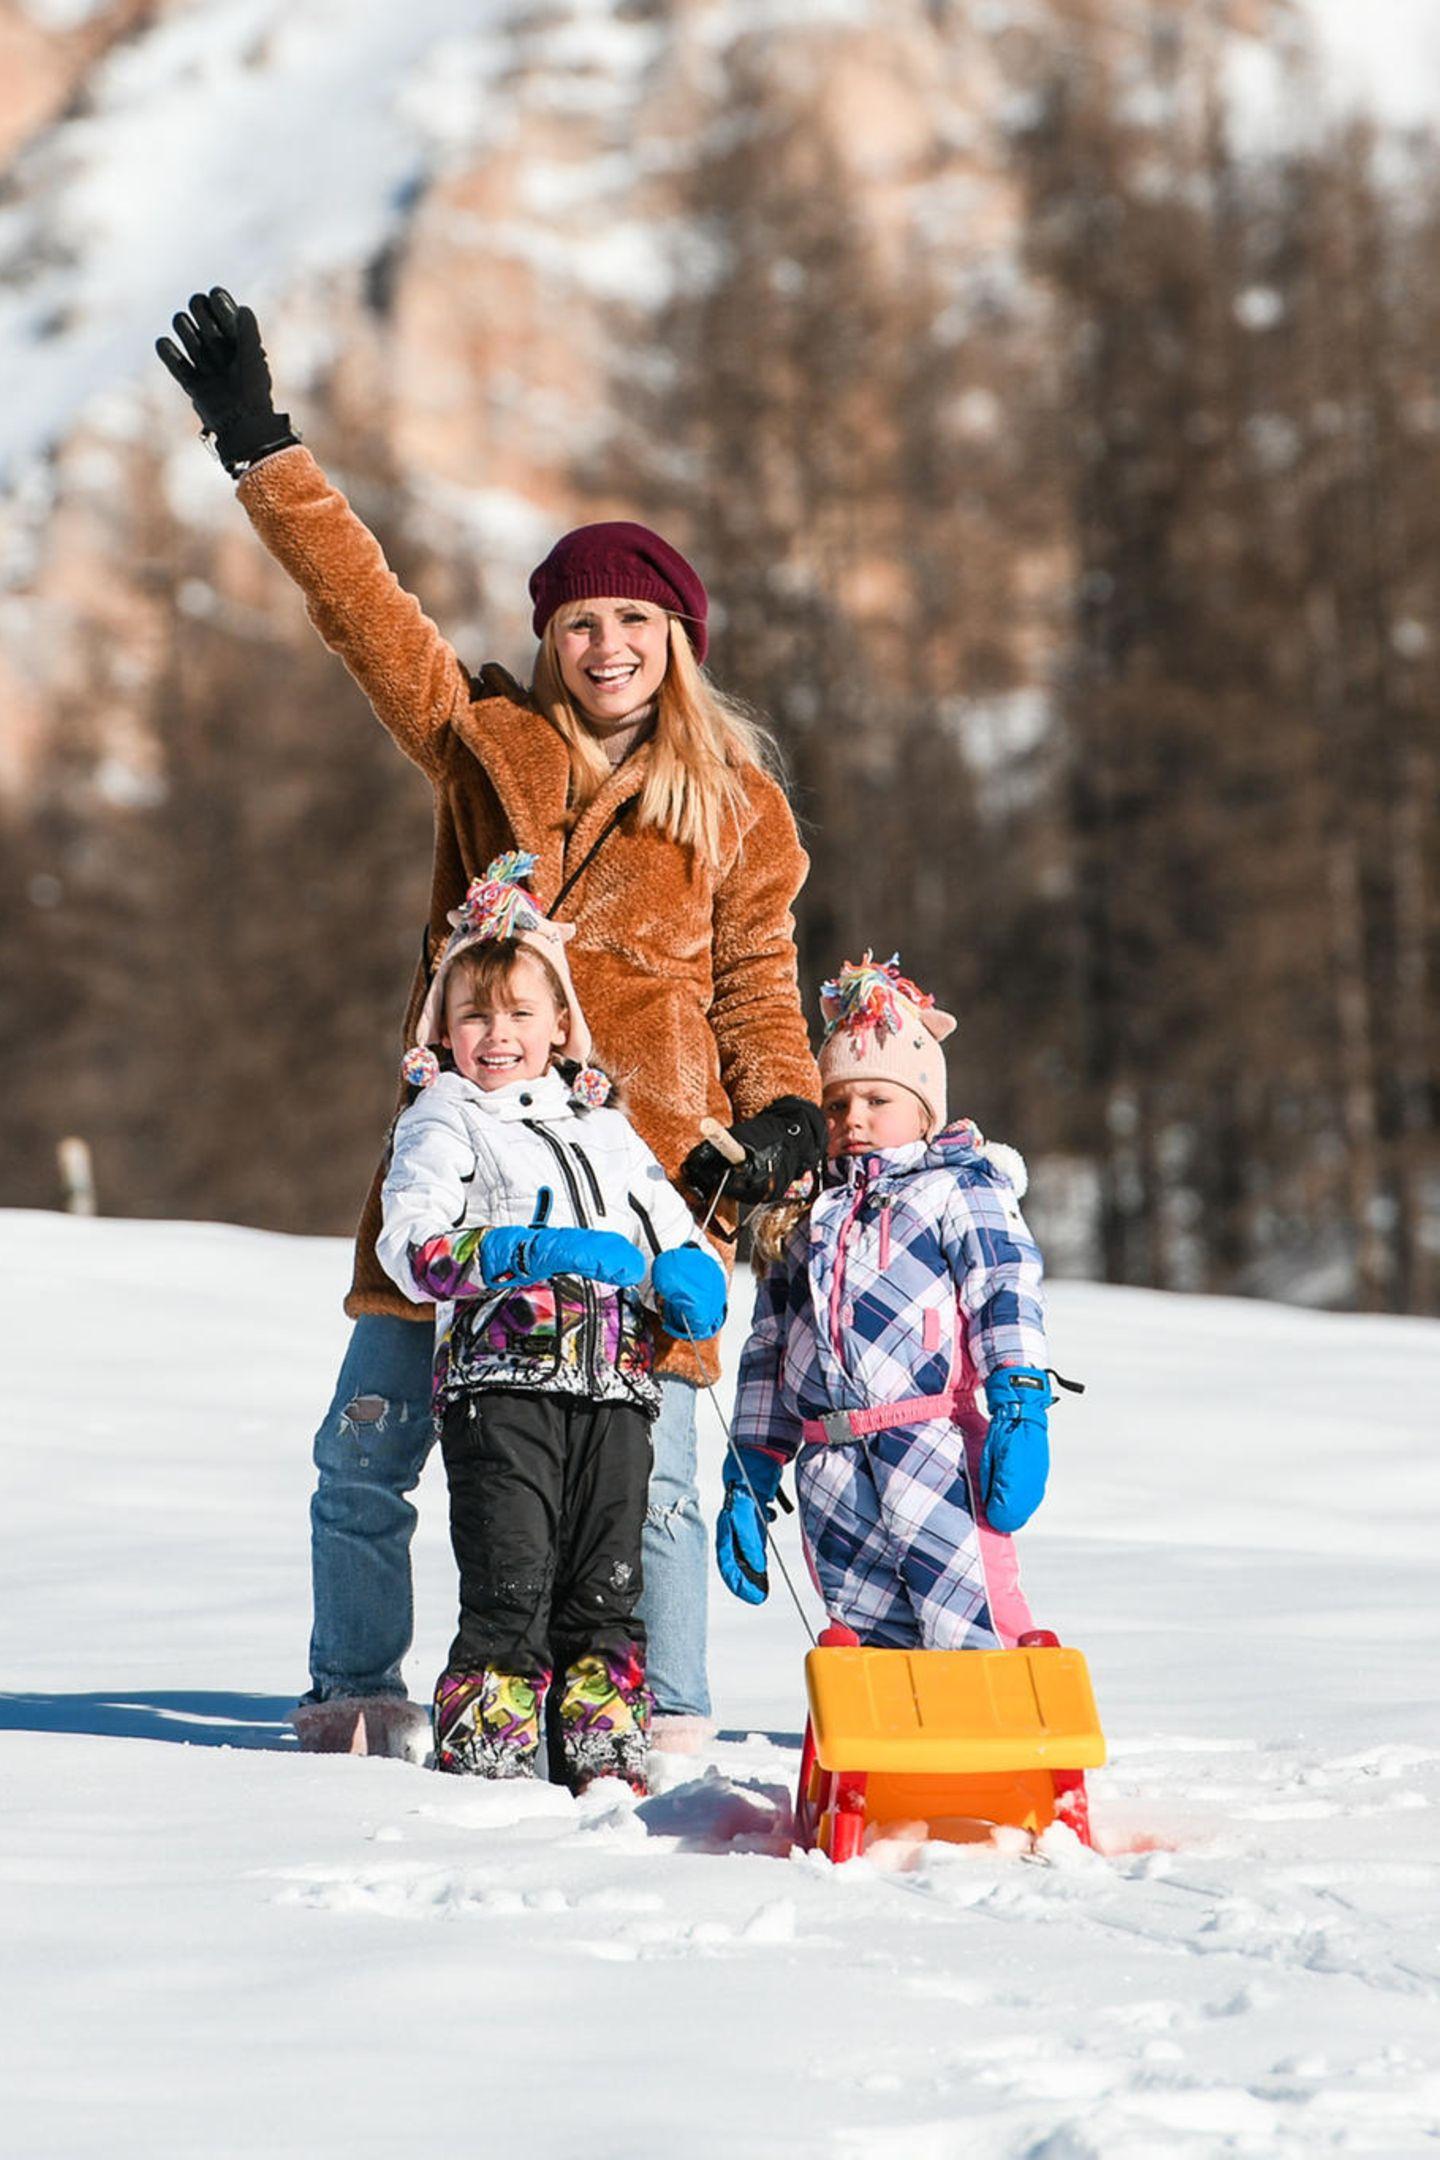 Erst die Arbeit, dann das Vergnügen: Bevor sich Michelle Hunziker mit ihren Töchtern auf den Schlitten schwingen kann, muss das Dreiergespann auf den Hügel wandern.